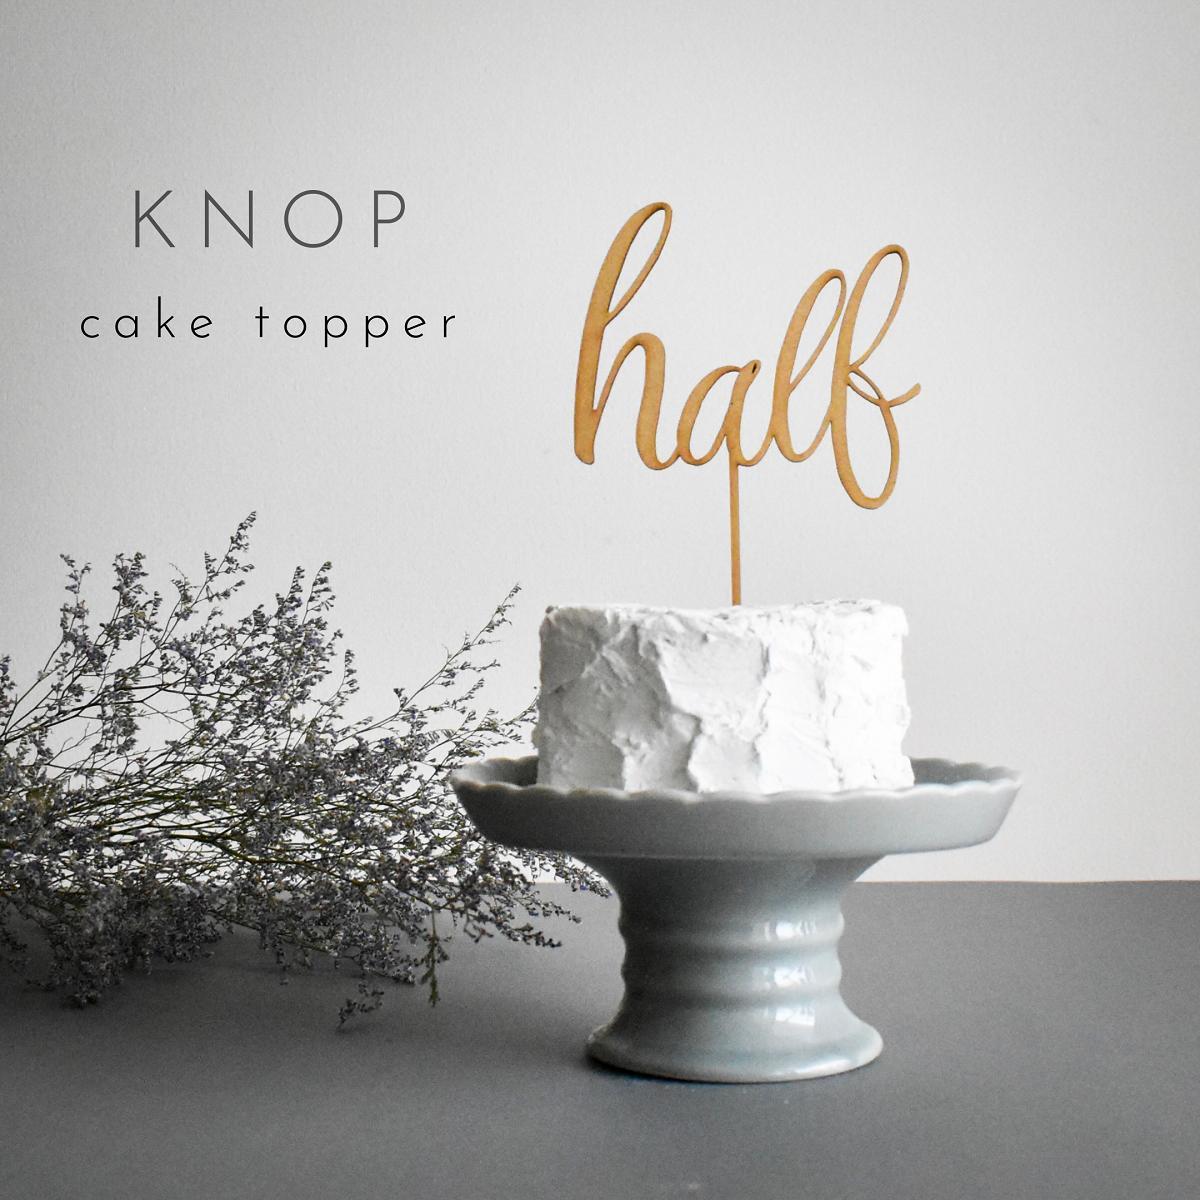 楽天市場 Knop 木製 ケーキトッパー Half 数字 6ヶ月 ハーフバースデー 誕生日 バースデー 赤ちゃん 子ども 初めて 記念日 デコレーション お祝い ガーランド 記念写真 テーブルナンバー おしゃれ ナチュラル フラワーピック knop